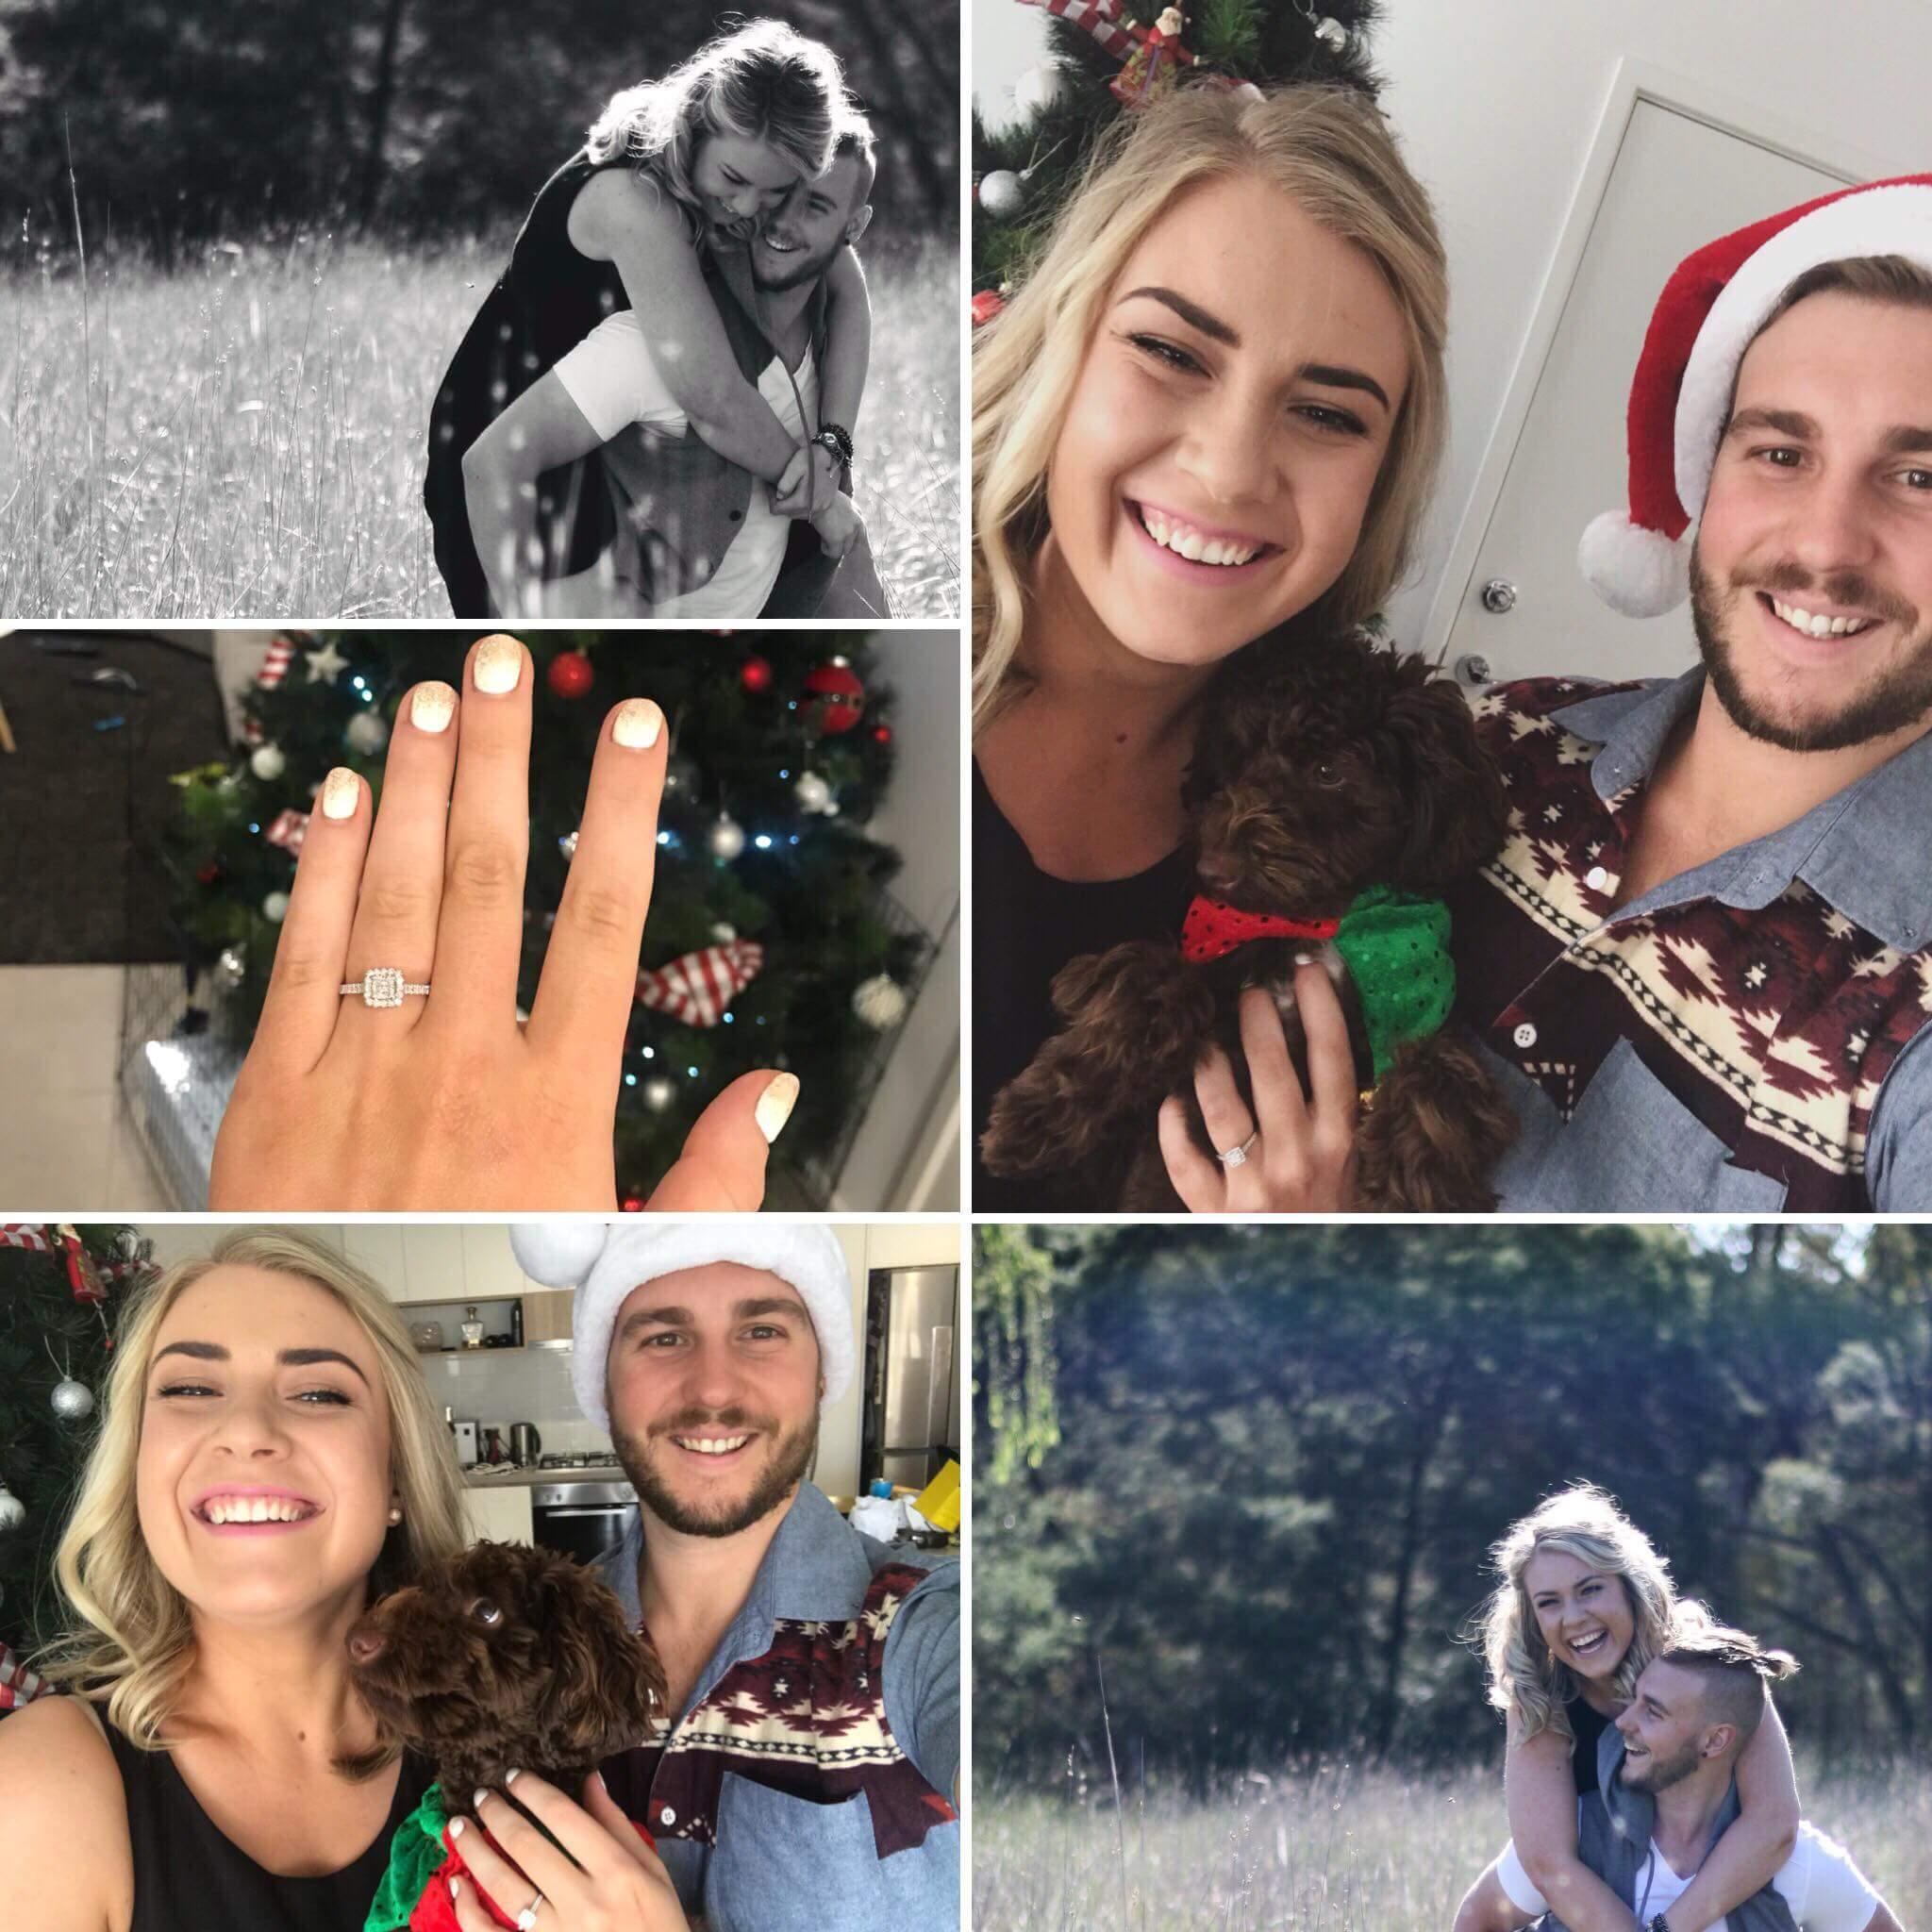 Brayden and Renee's delightfully happy engagement announcement.